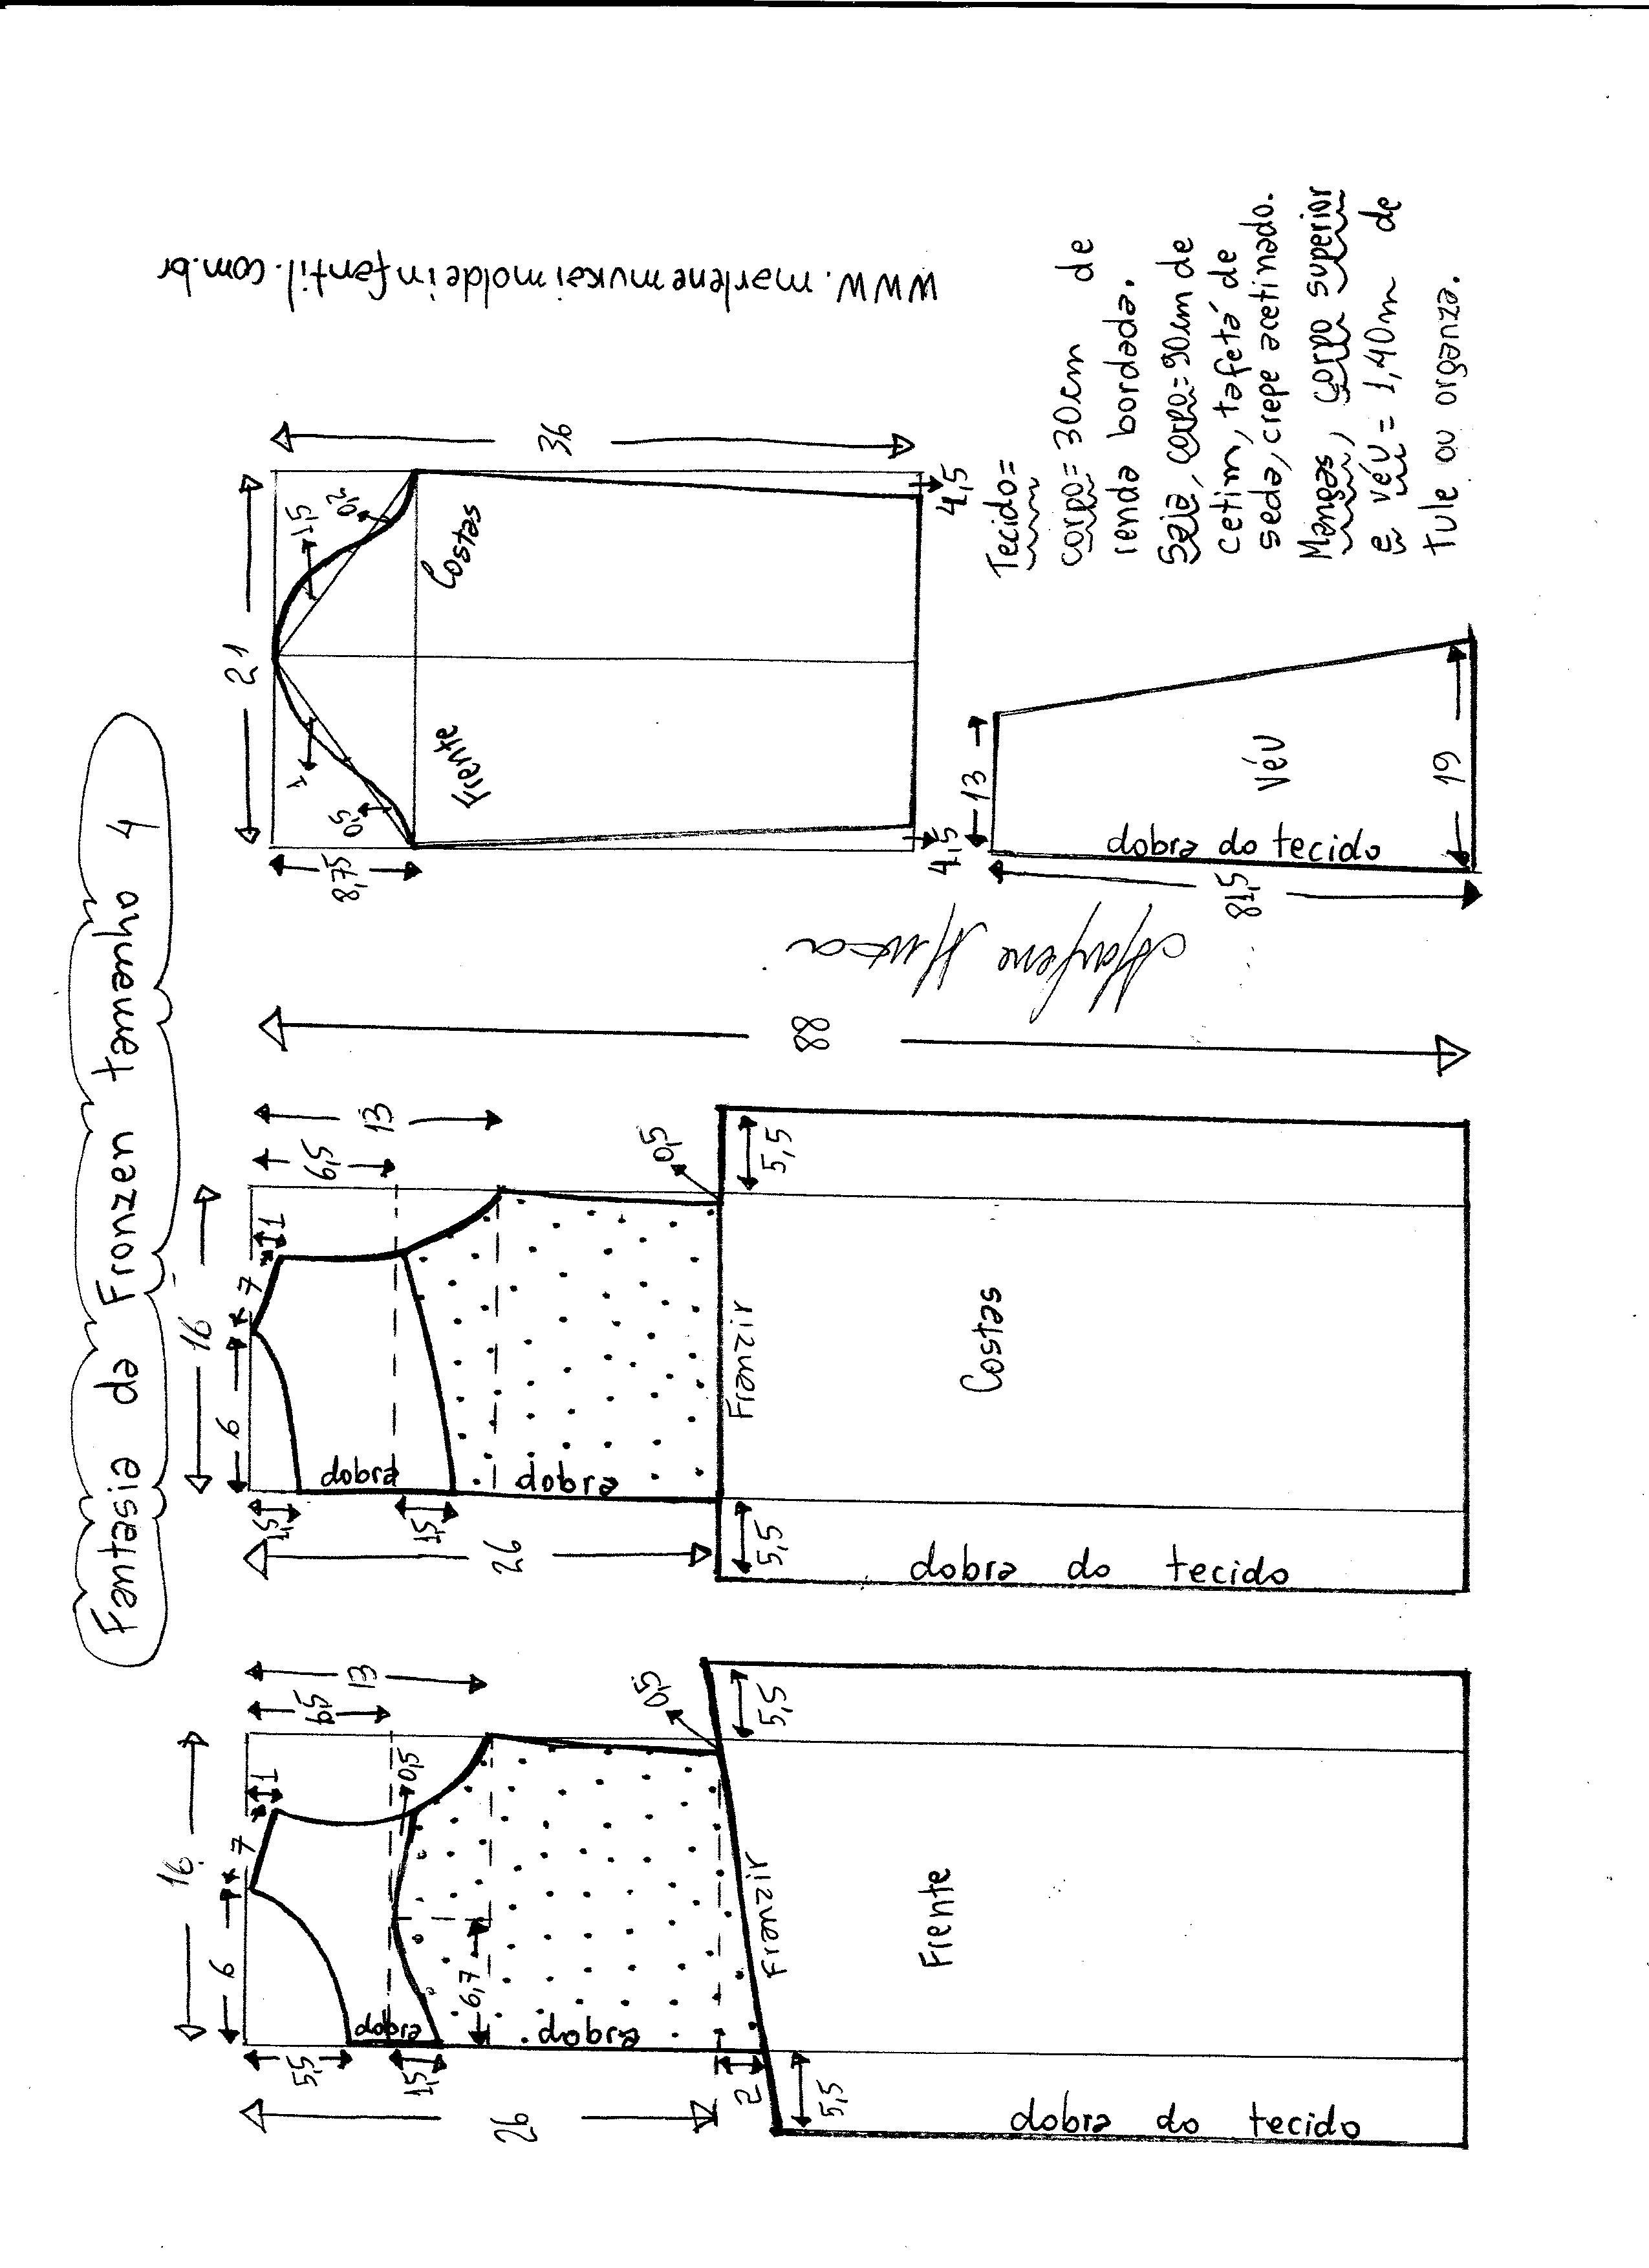 Esquema de modelagem de vestido fantasia fronzen tamanho 4.